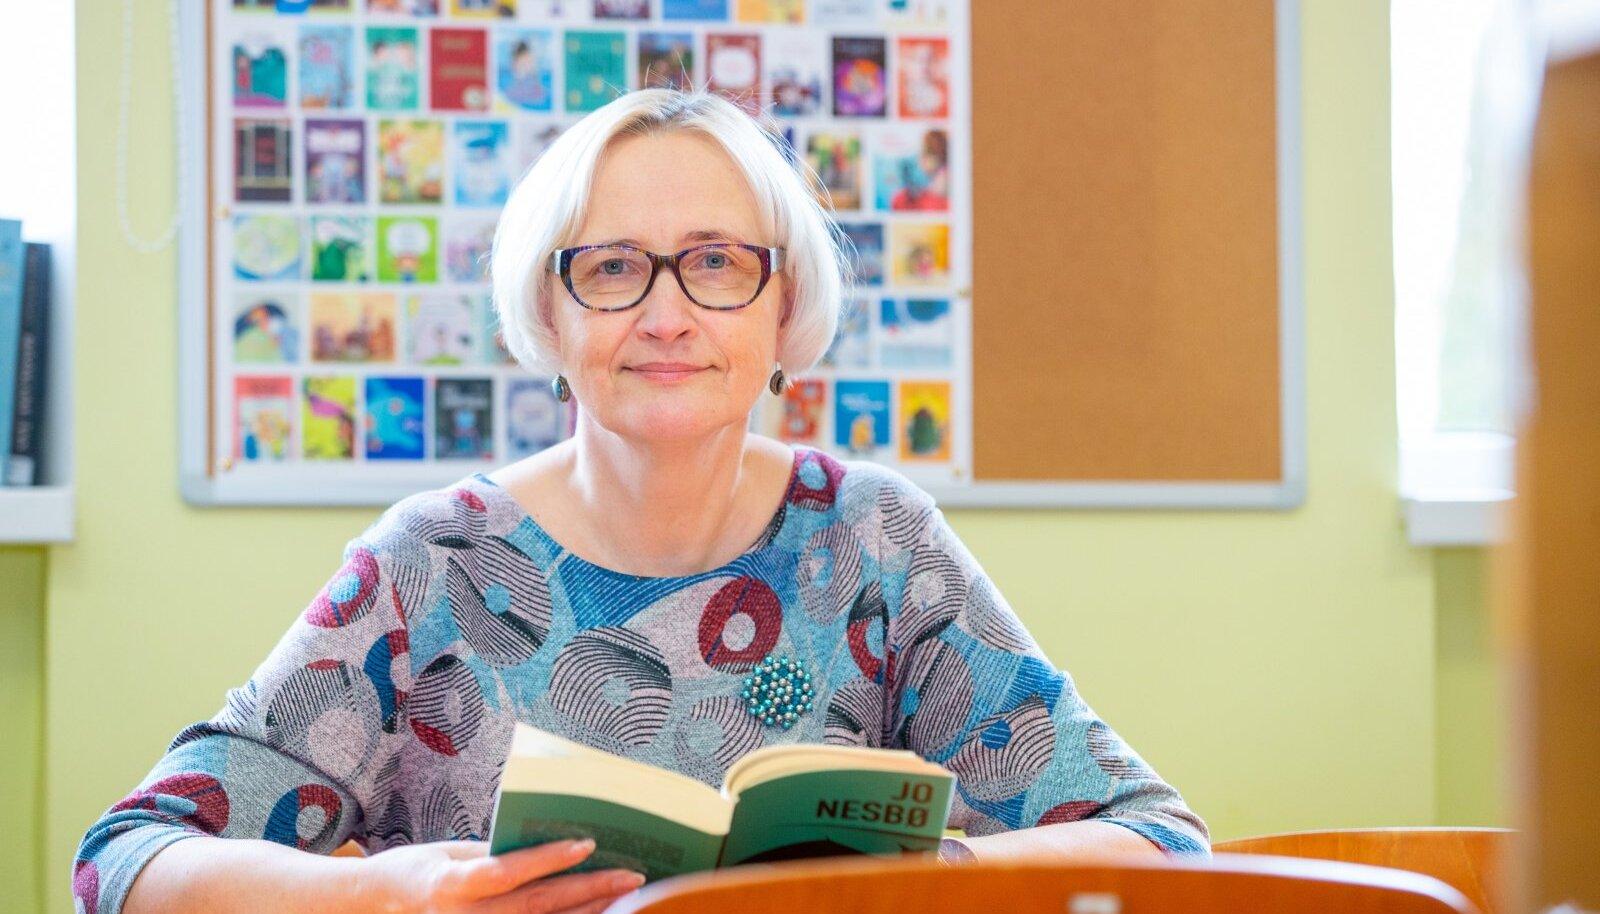 """Katrin Martinfeld: """"Olime viimastel aastatel teinud igal aastal kolm e-kooli päeva. See kogemus tuli nüüd kasuks!"""""""